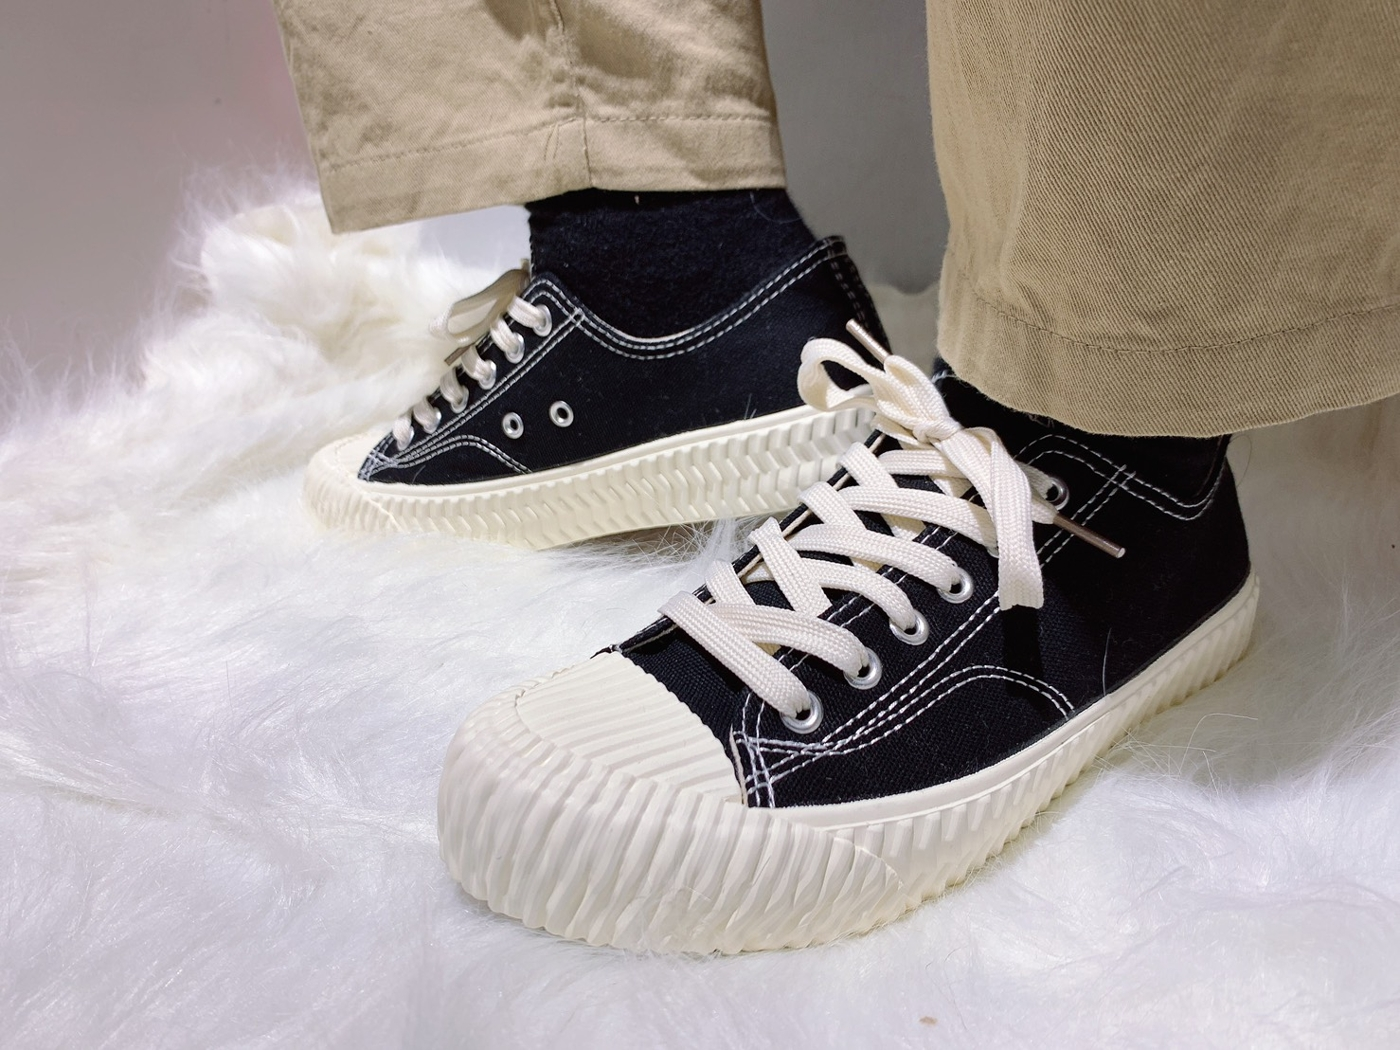 X-INGCHI. 女餅乾頭布鞋 黑 NO. X0016